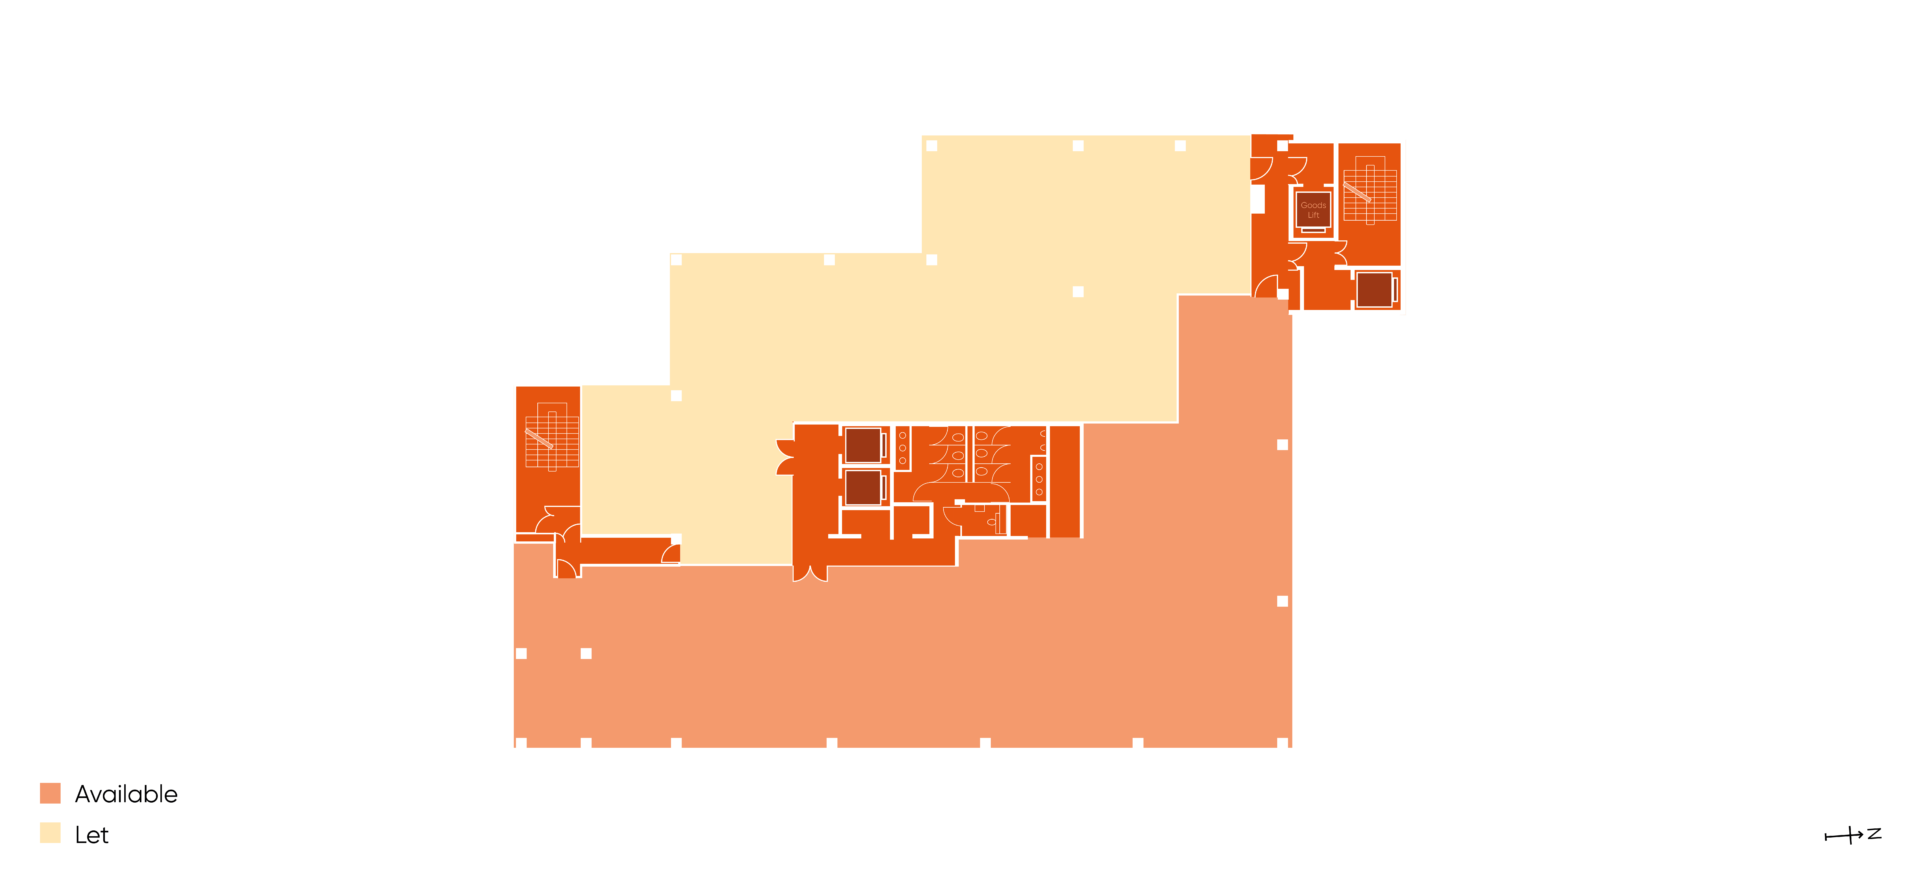 Floor plan of Building HX4 Part level 5